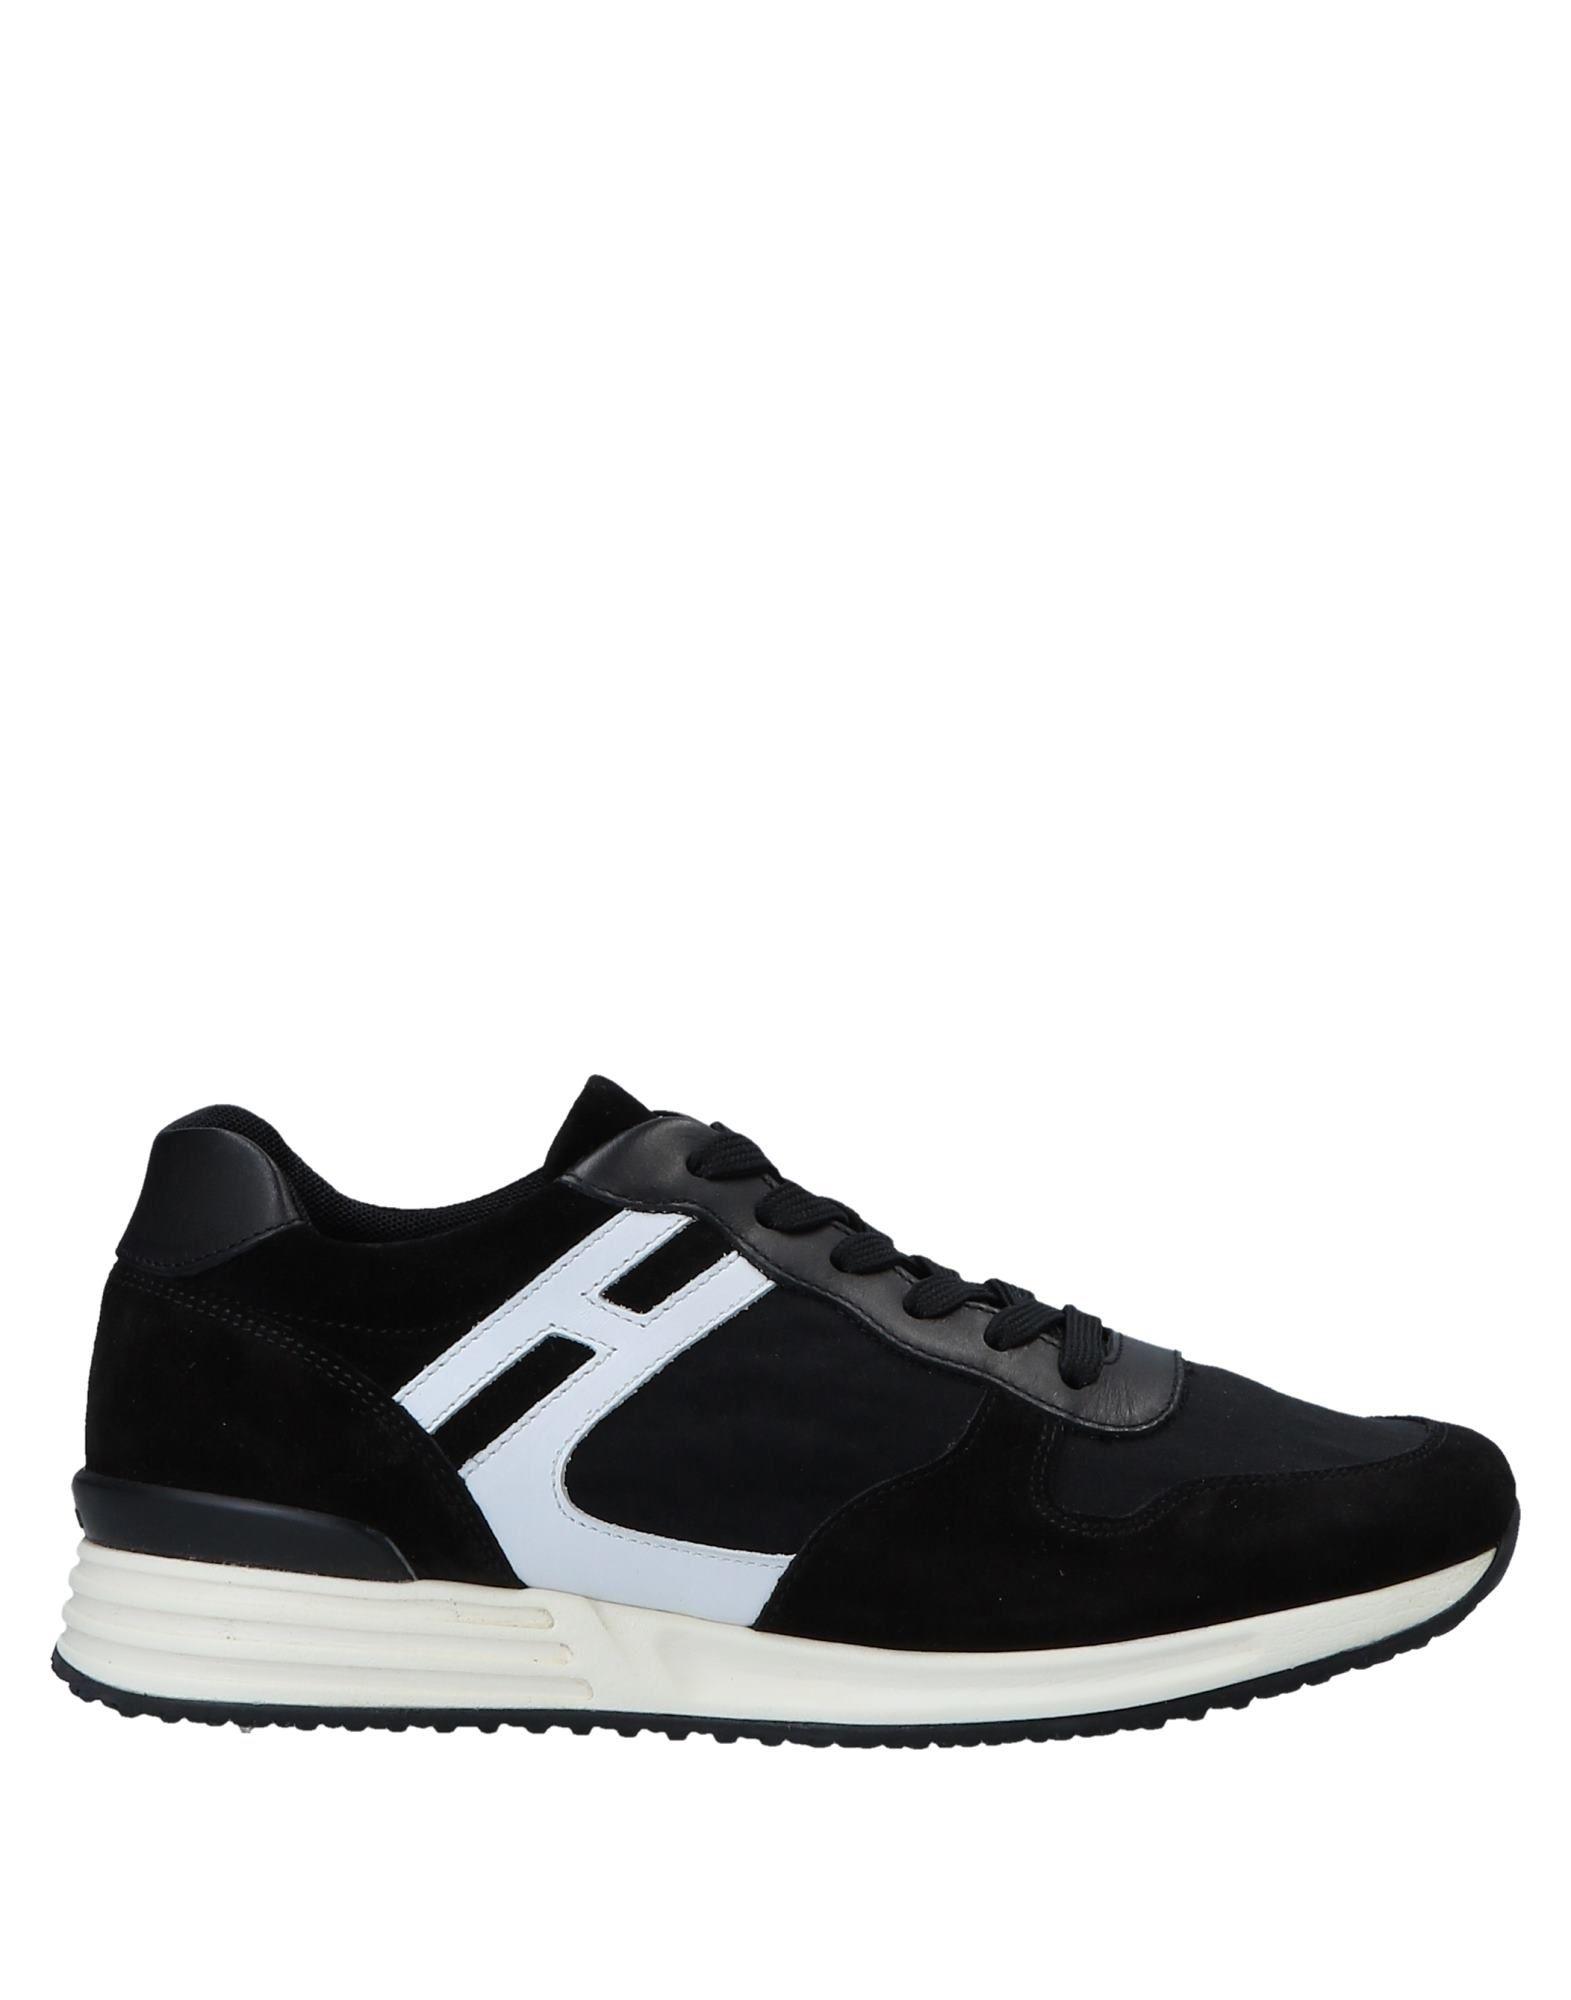 Hogan Rebel Sneakers Herren  11560688NE Gute Qualität beliebte Schuhe